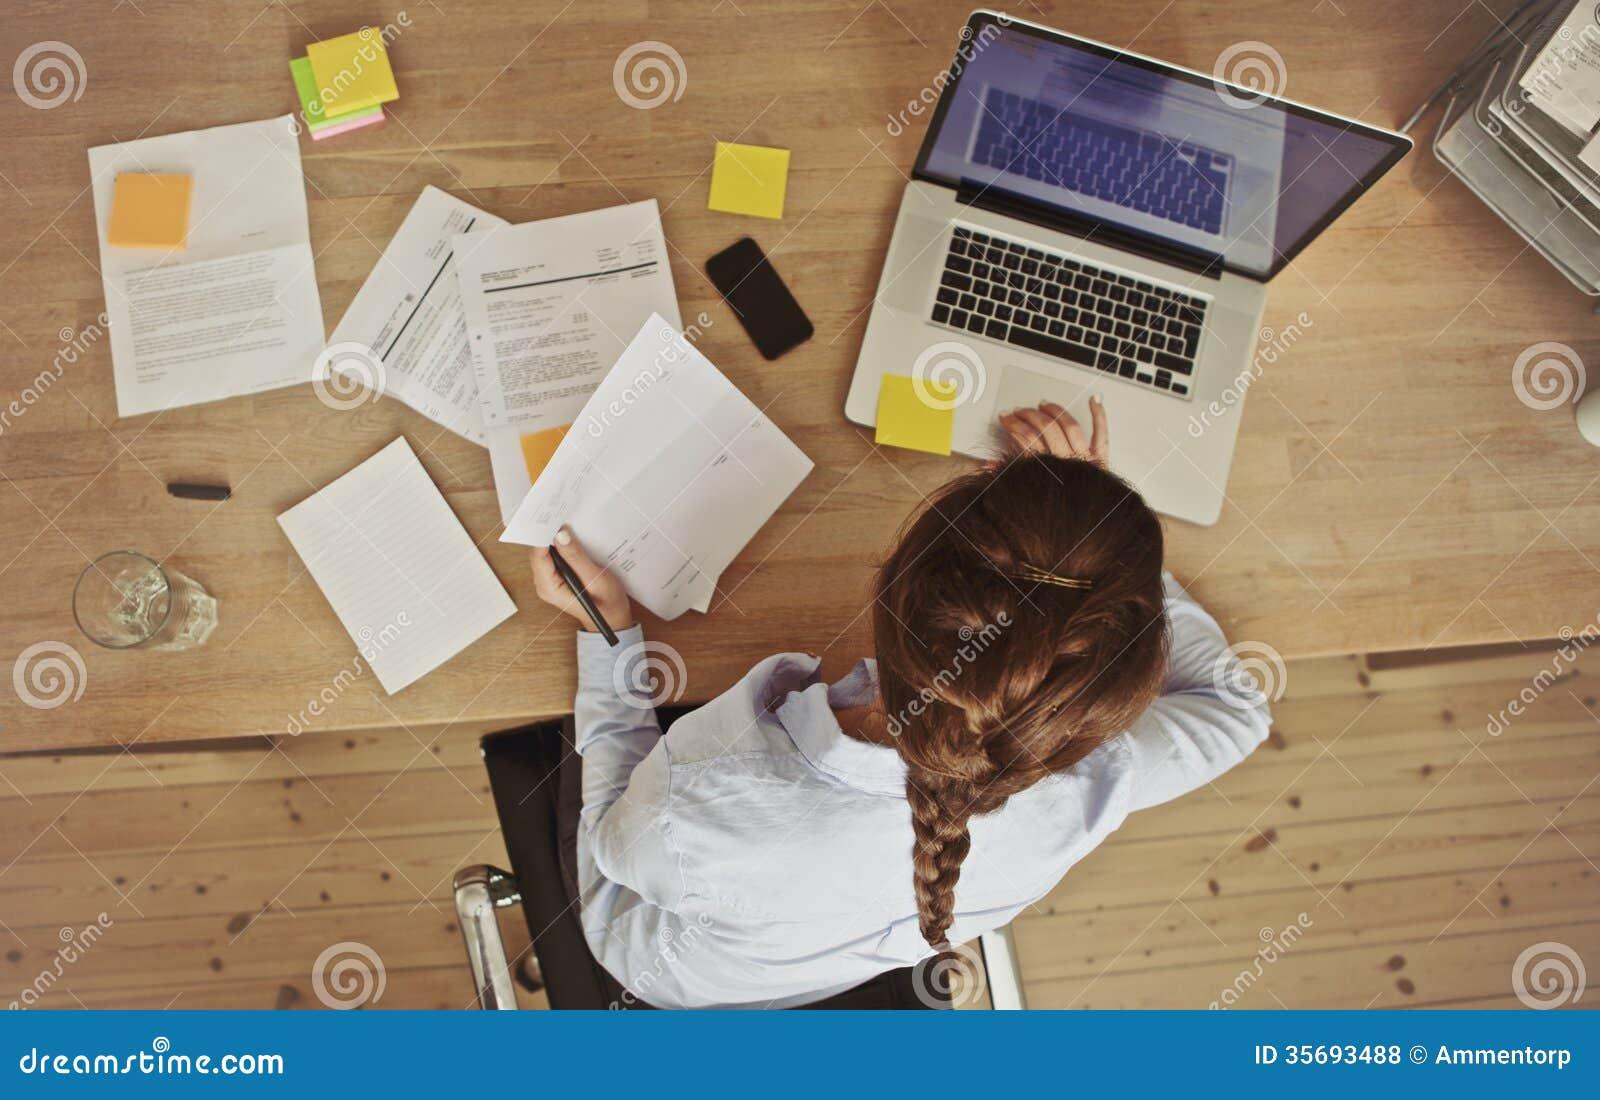 Onderneemster die bij haar bureau met documenten en laptop werken